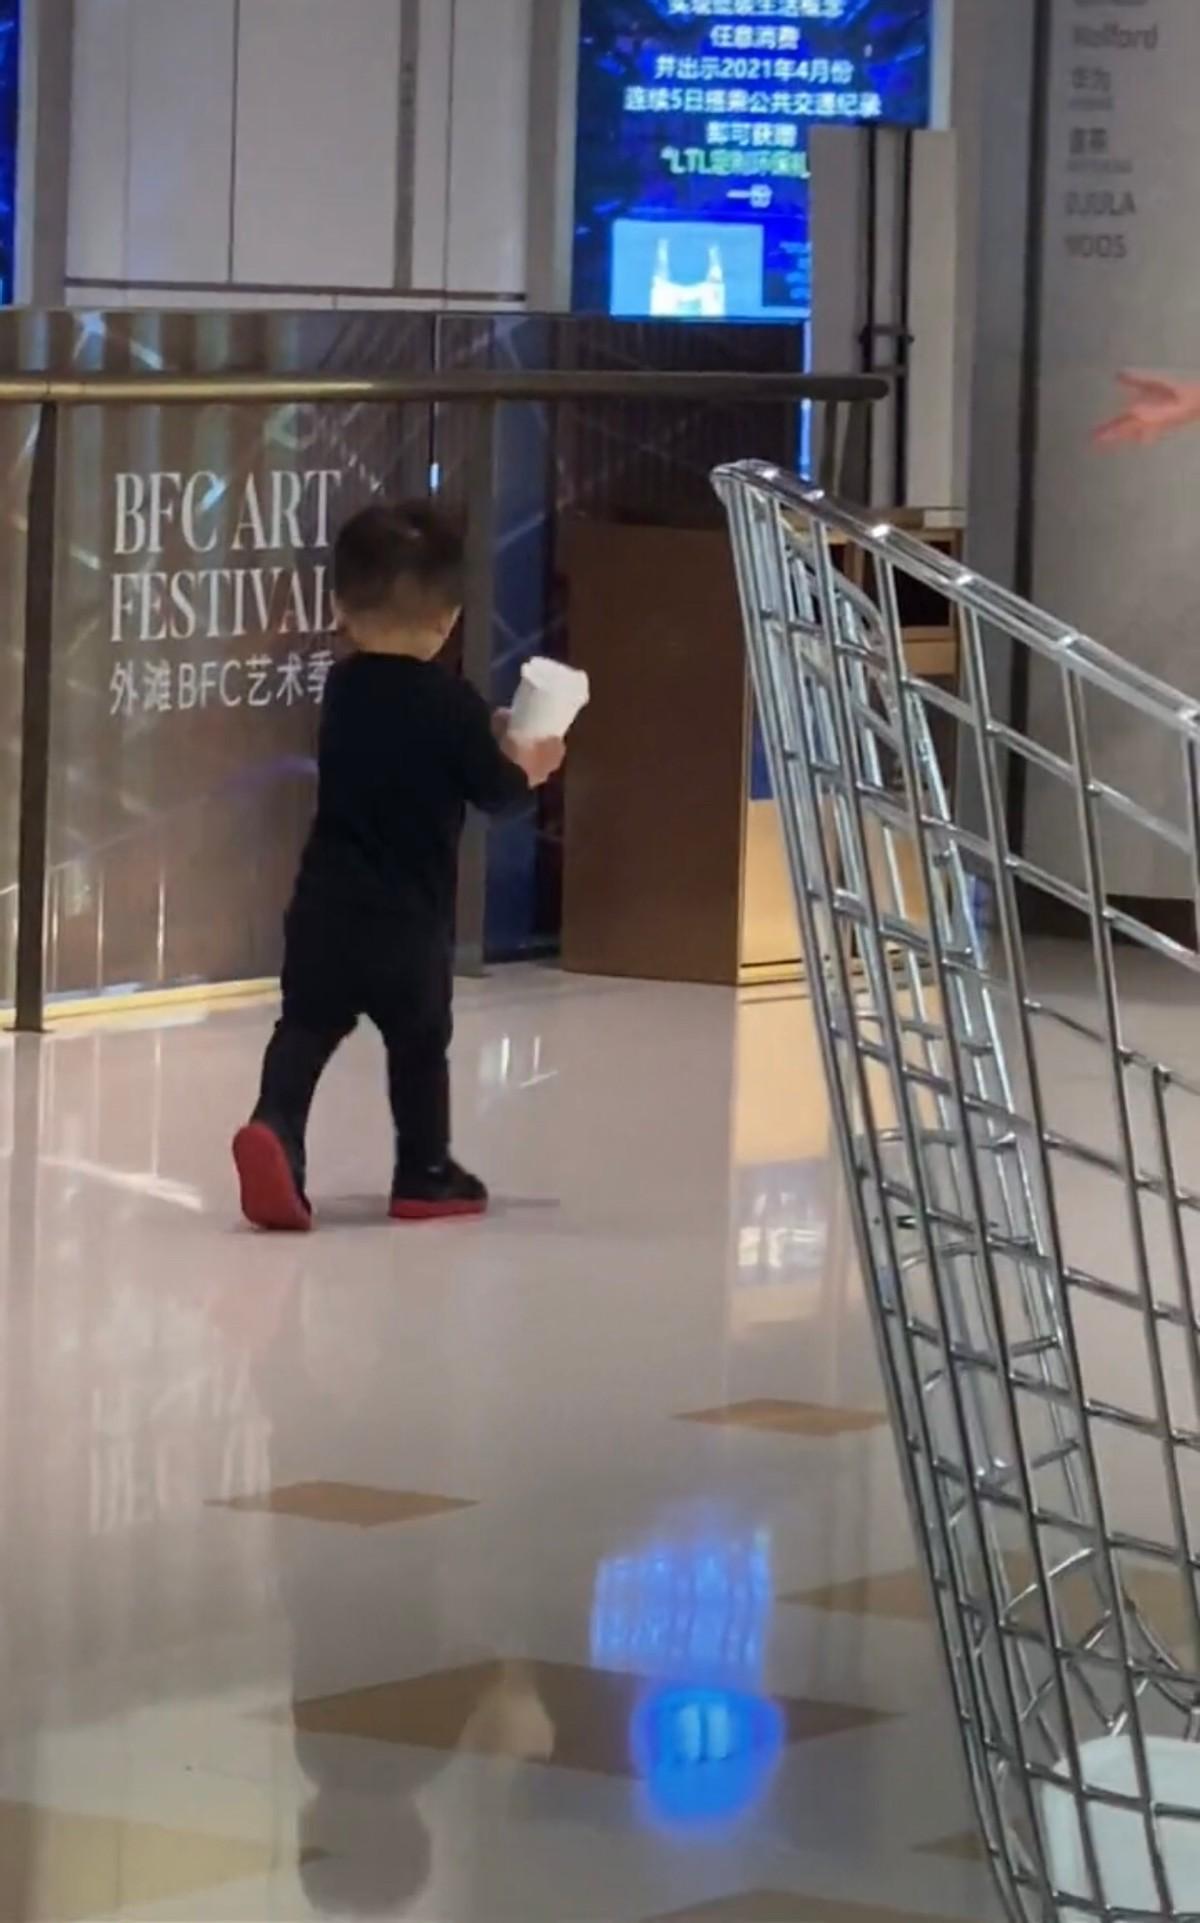 蔡少芬教兒子丟垃圾,小傢伙跪地擦地板超可愛,星二代一點不嬌氣